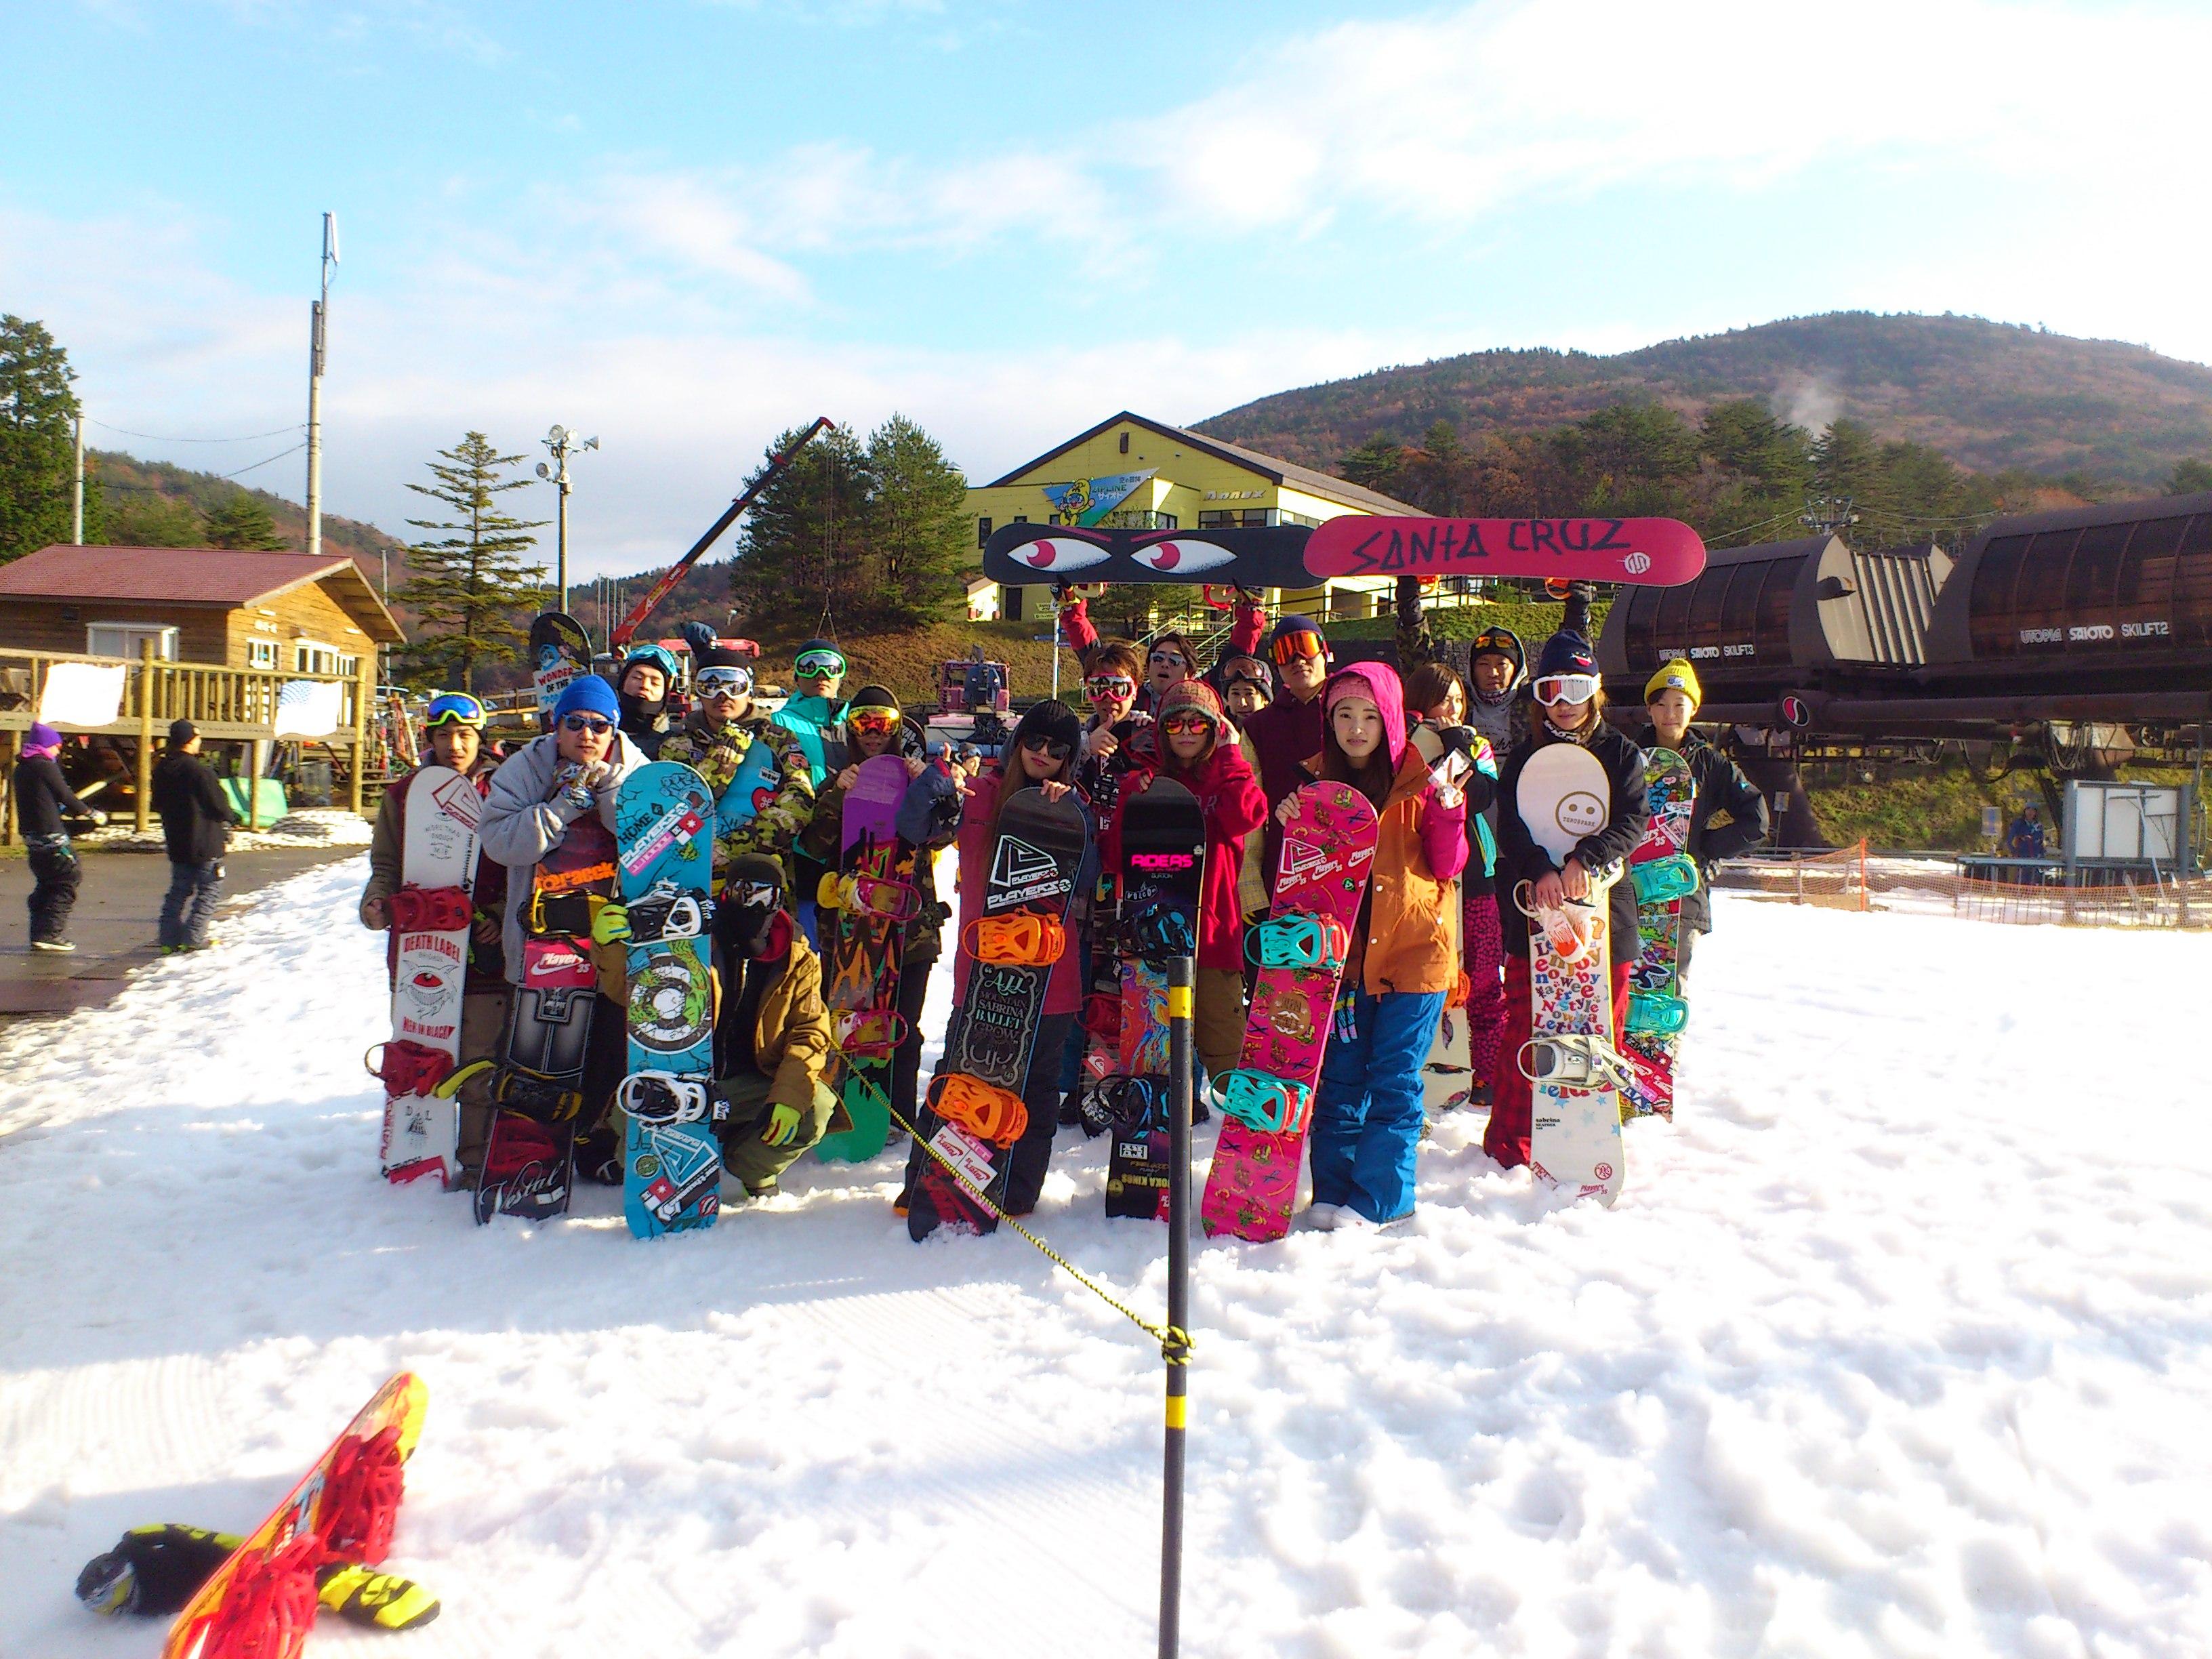 第1回スノーボードツアー行ってきました!